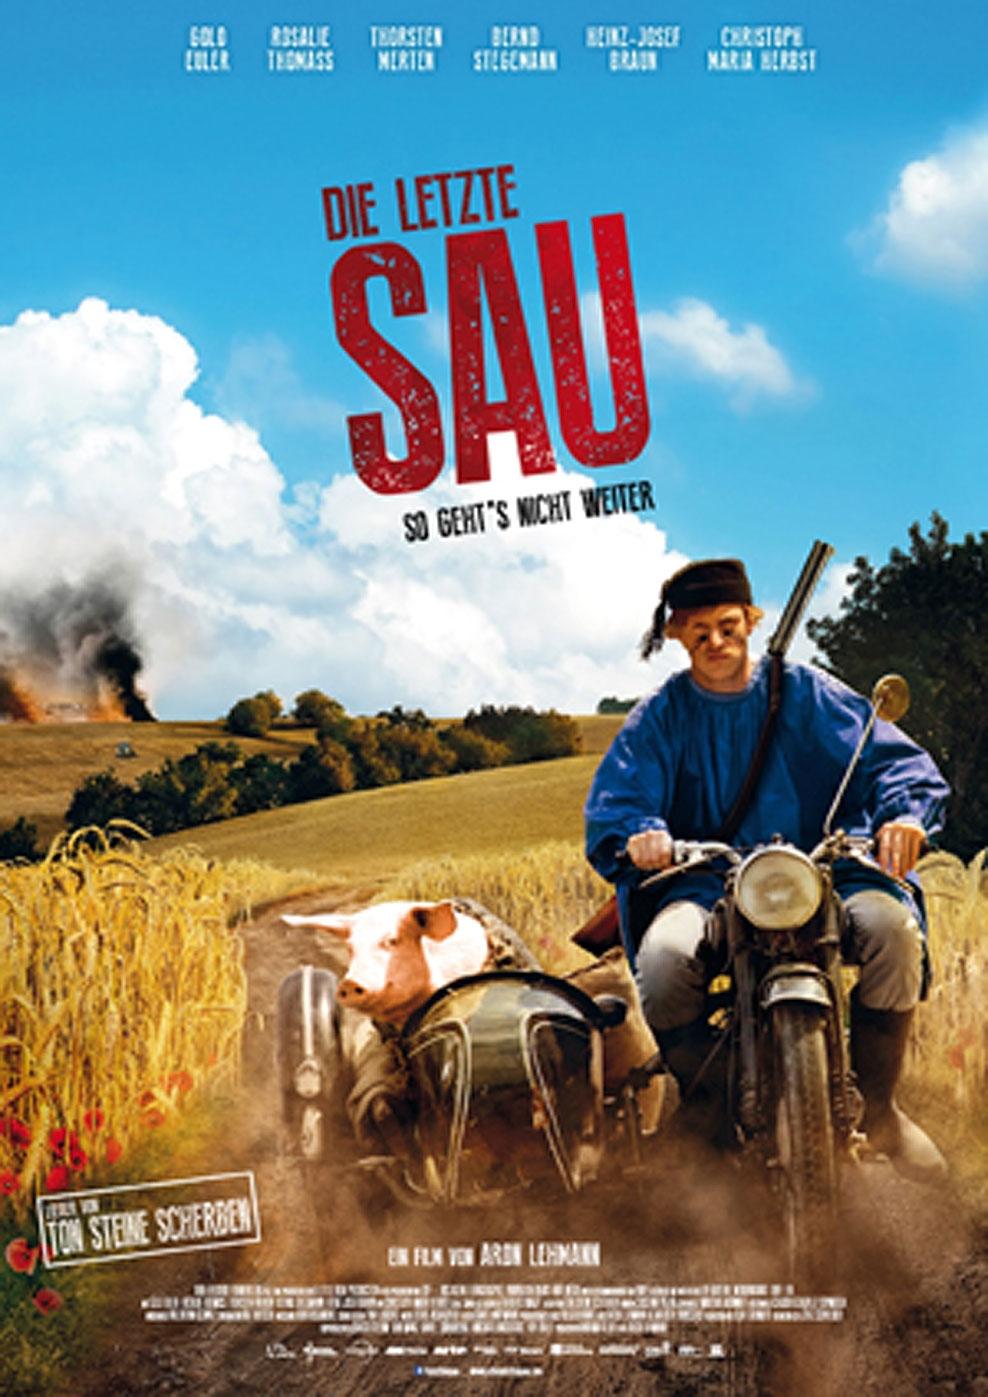 Die letzte Sau (Poster)